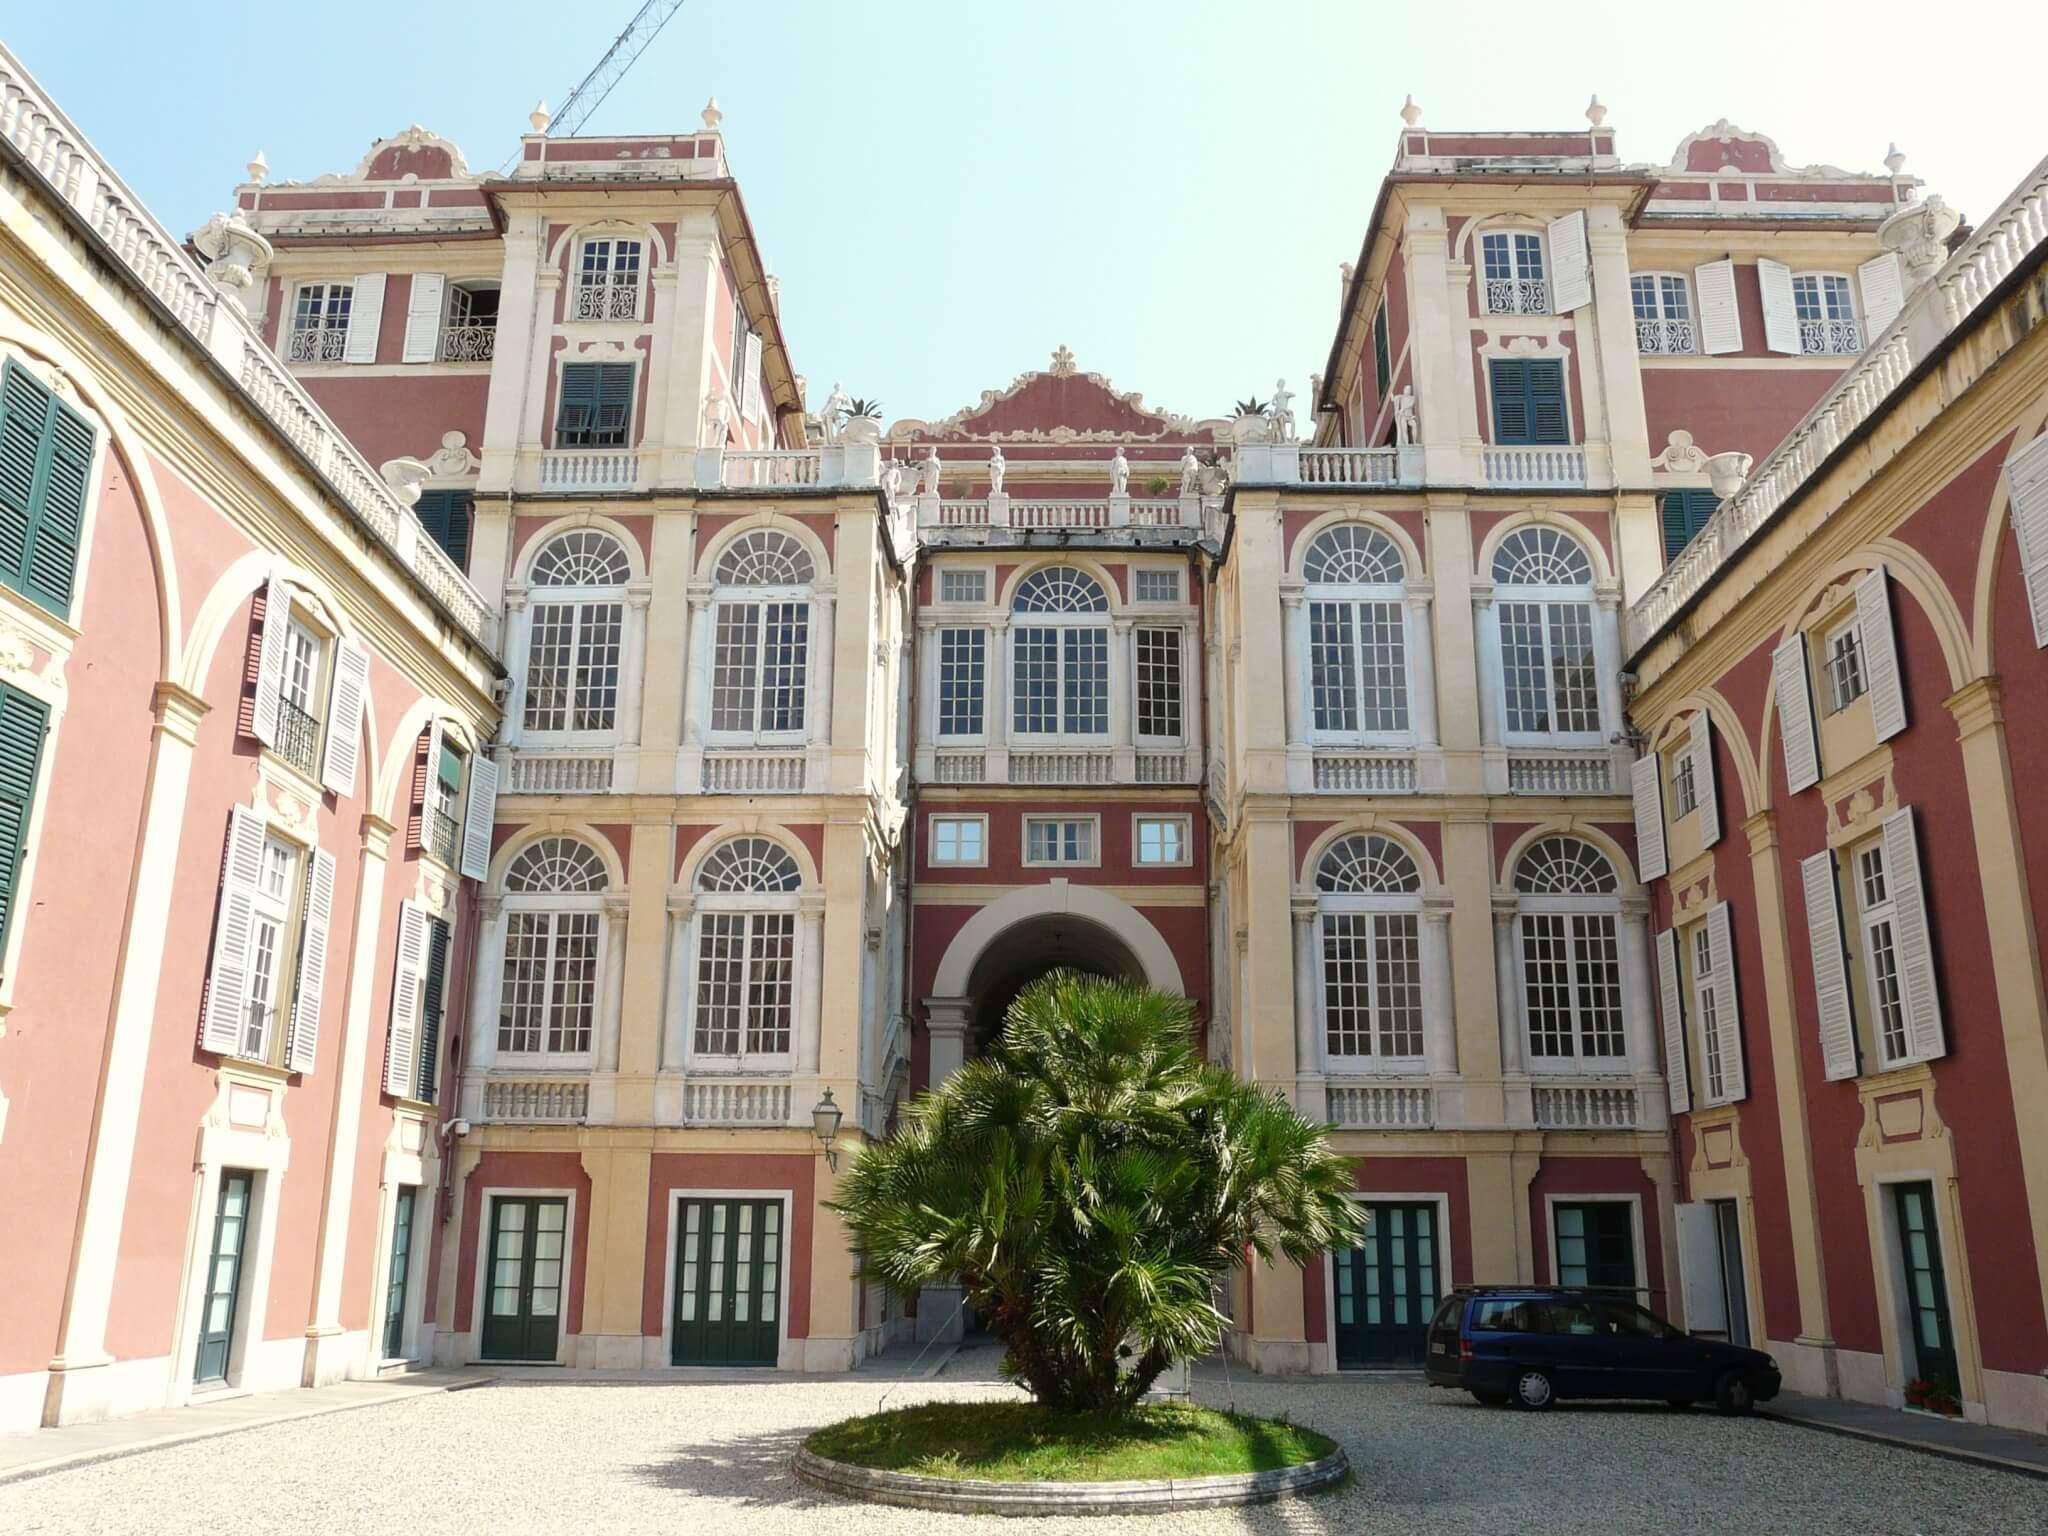 I musei civici di genova e palazzo reale ospiteranno le for Mostre palazzo reale 2015